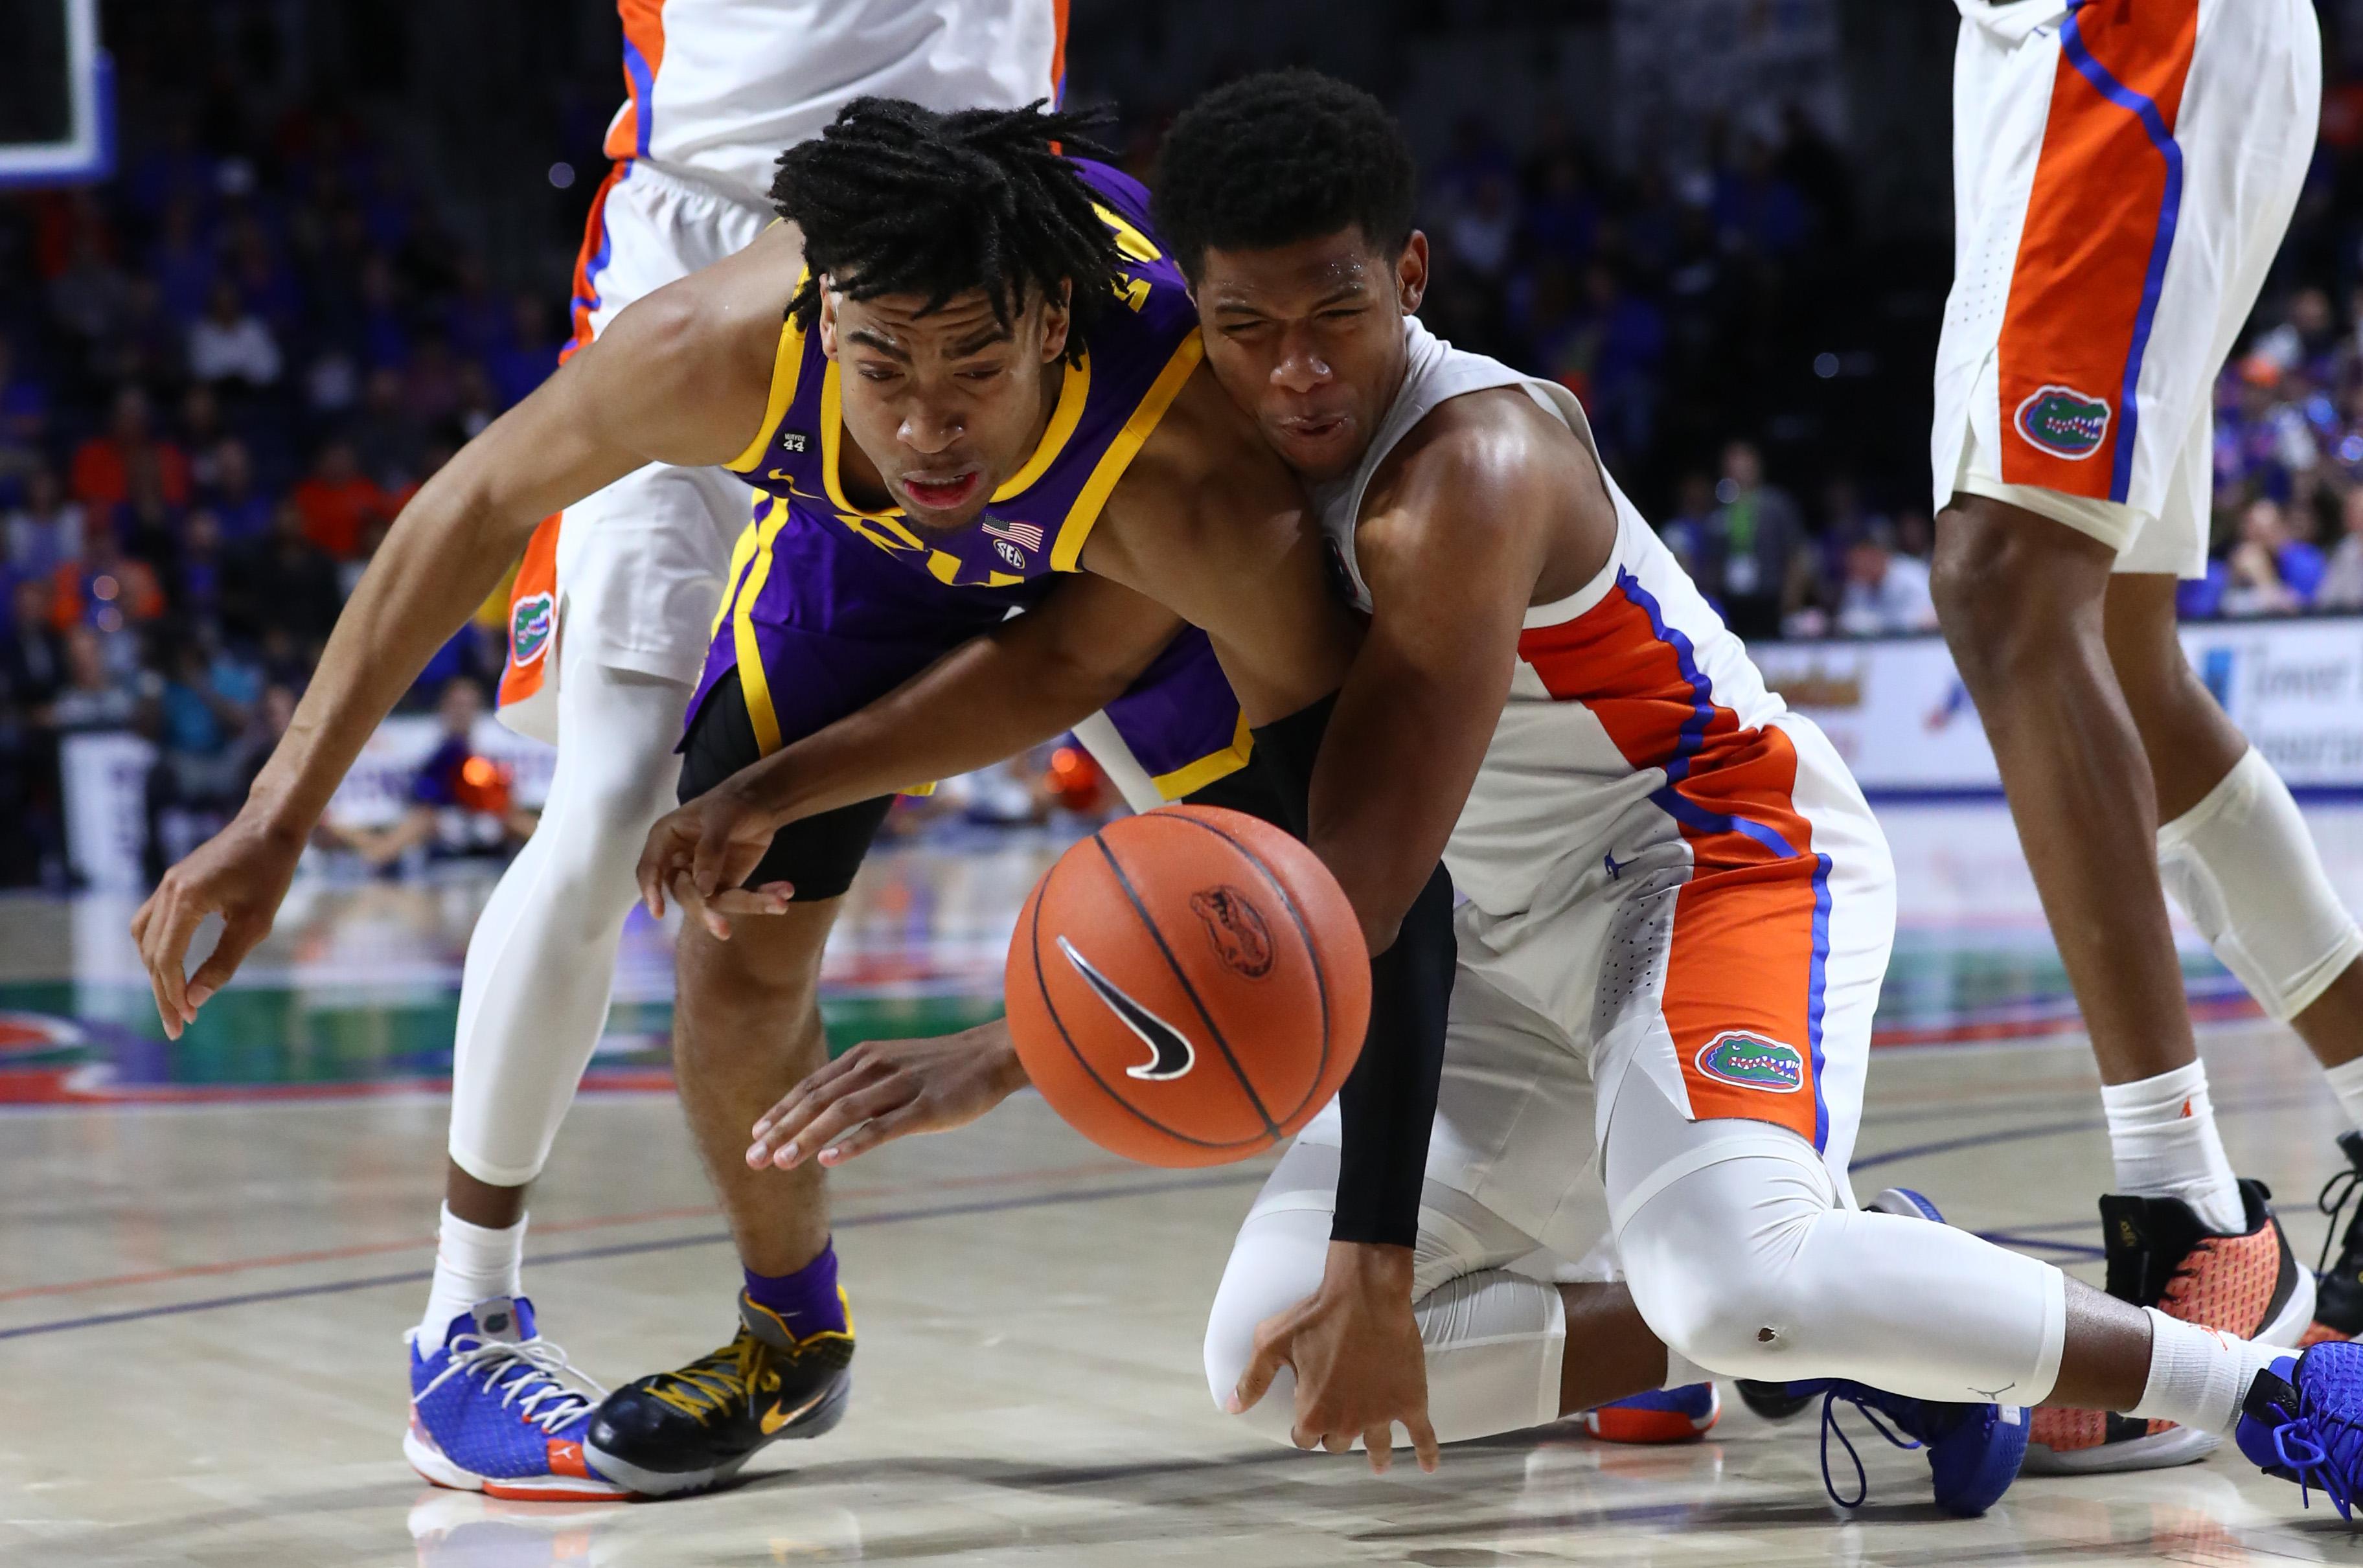 NCAA Basketball: Louisiana State at Florida